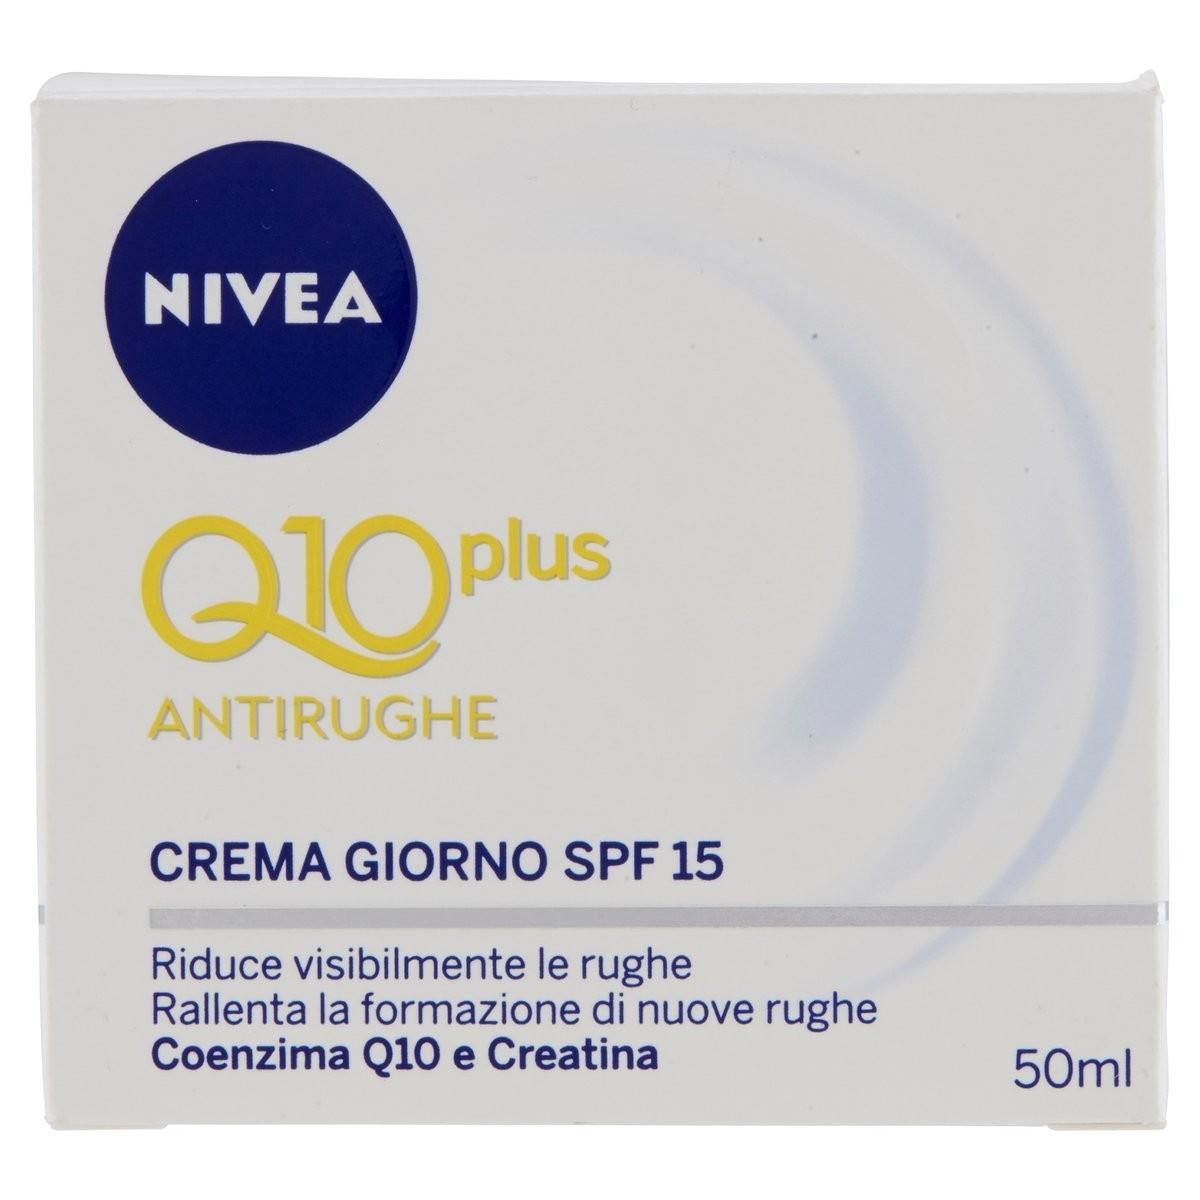 Nivea Q10 plus Crema giorno antirughe SPF 15